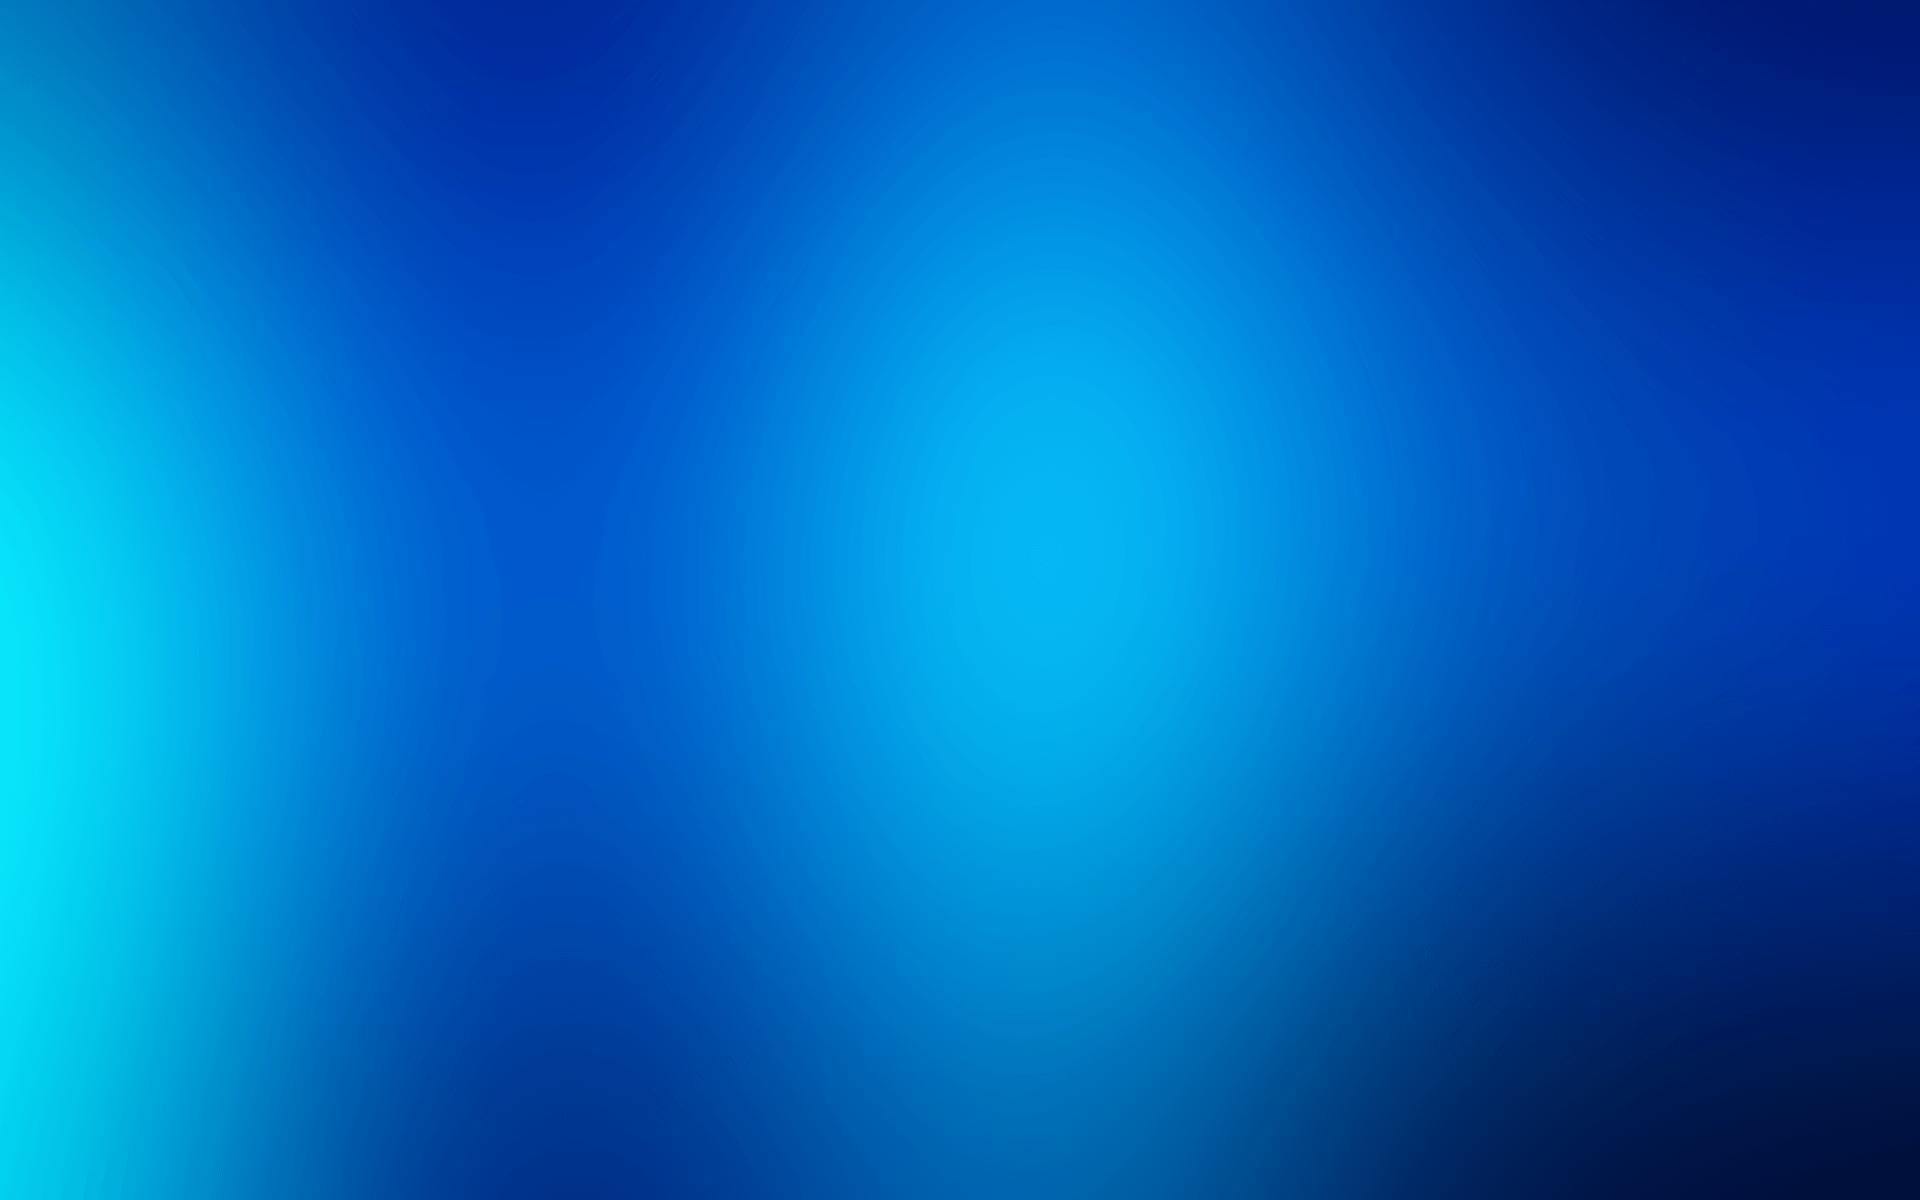 kitchen blue wallpaper background - photo #1